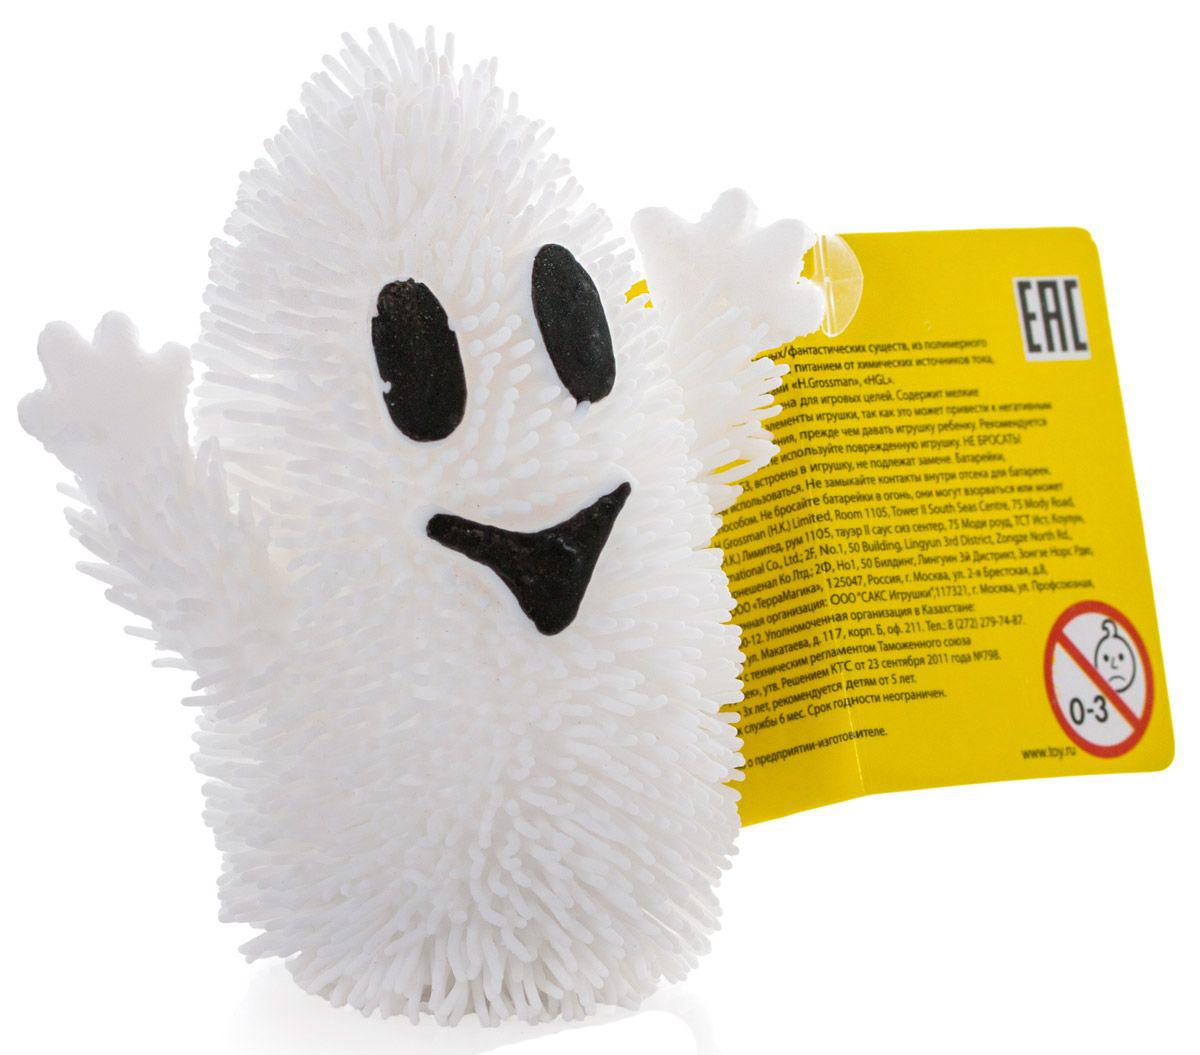 Фигурка привидения с резиновым ворсом и подсветкойПрочие интерактивные игрушки<br>Фигурка привидения с резиновым ворсом и подсветкой<br>